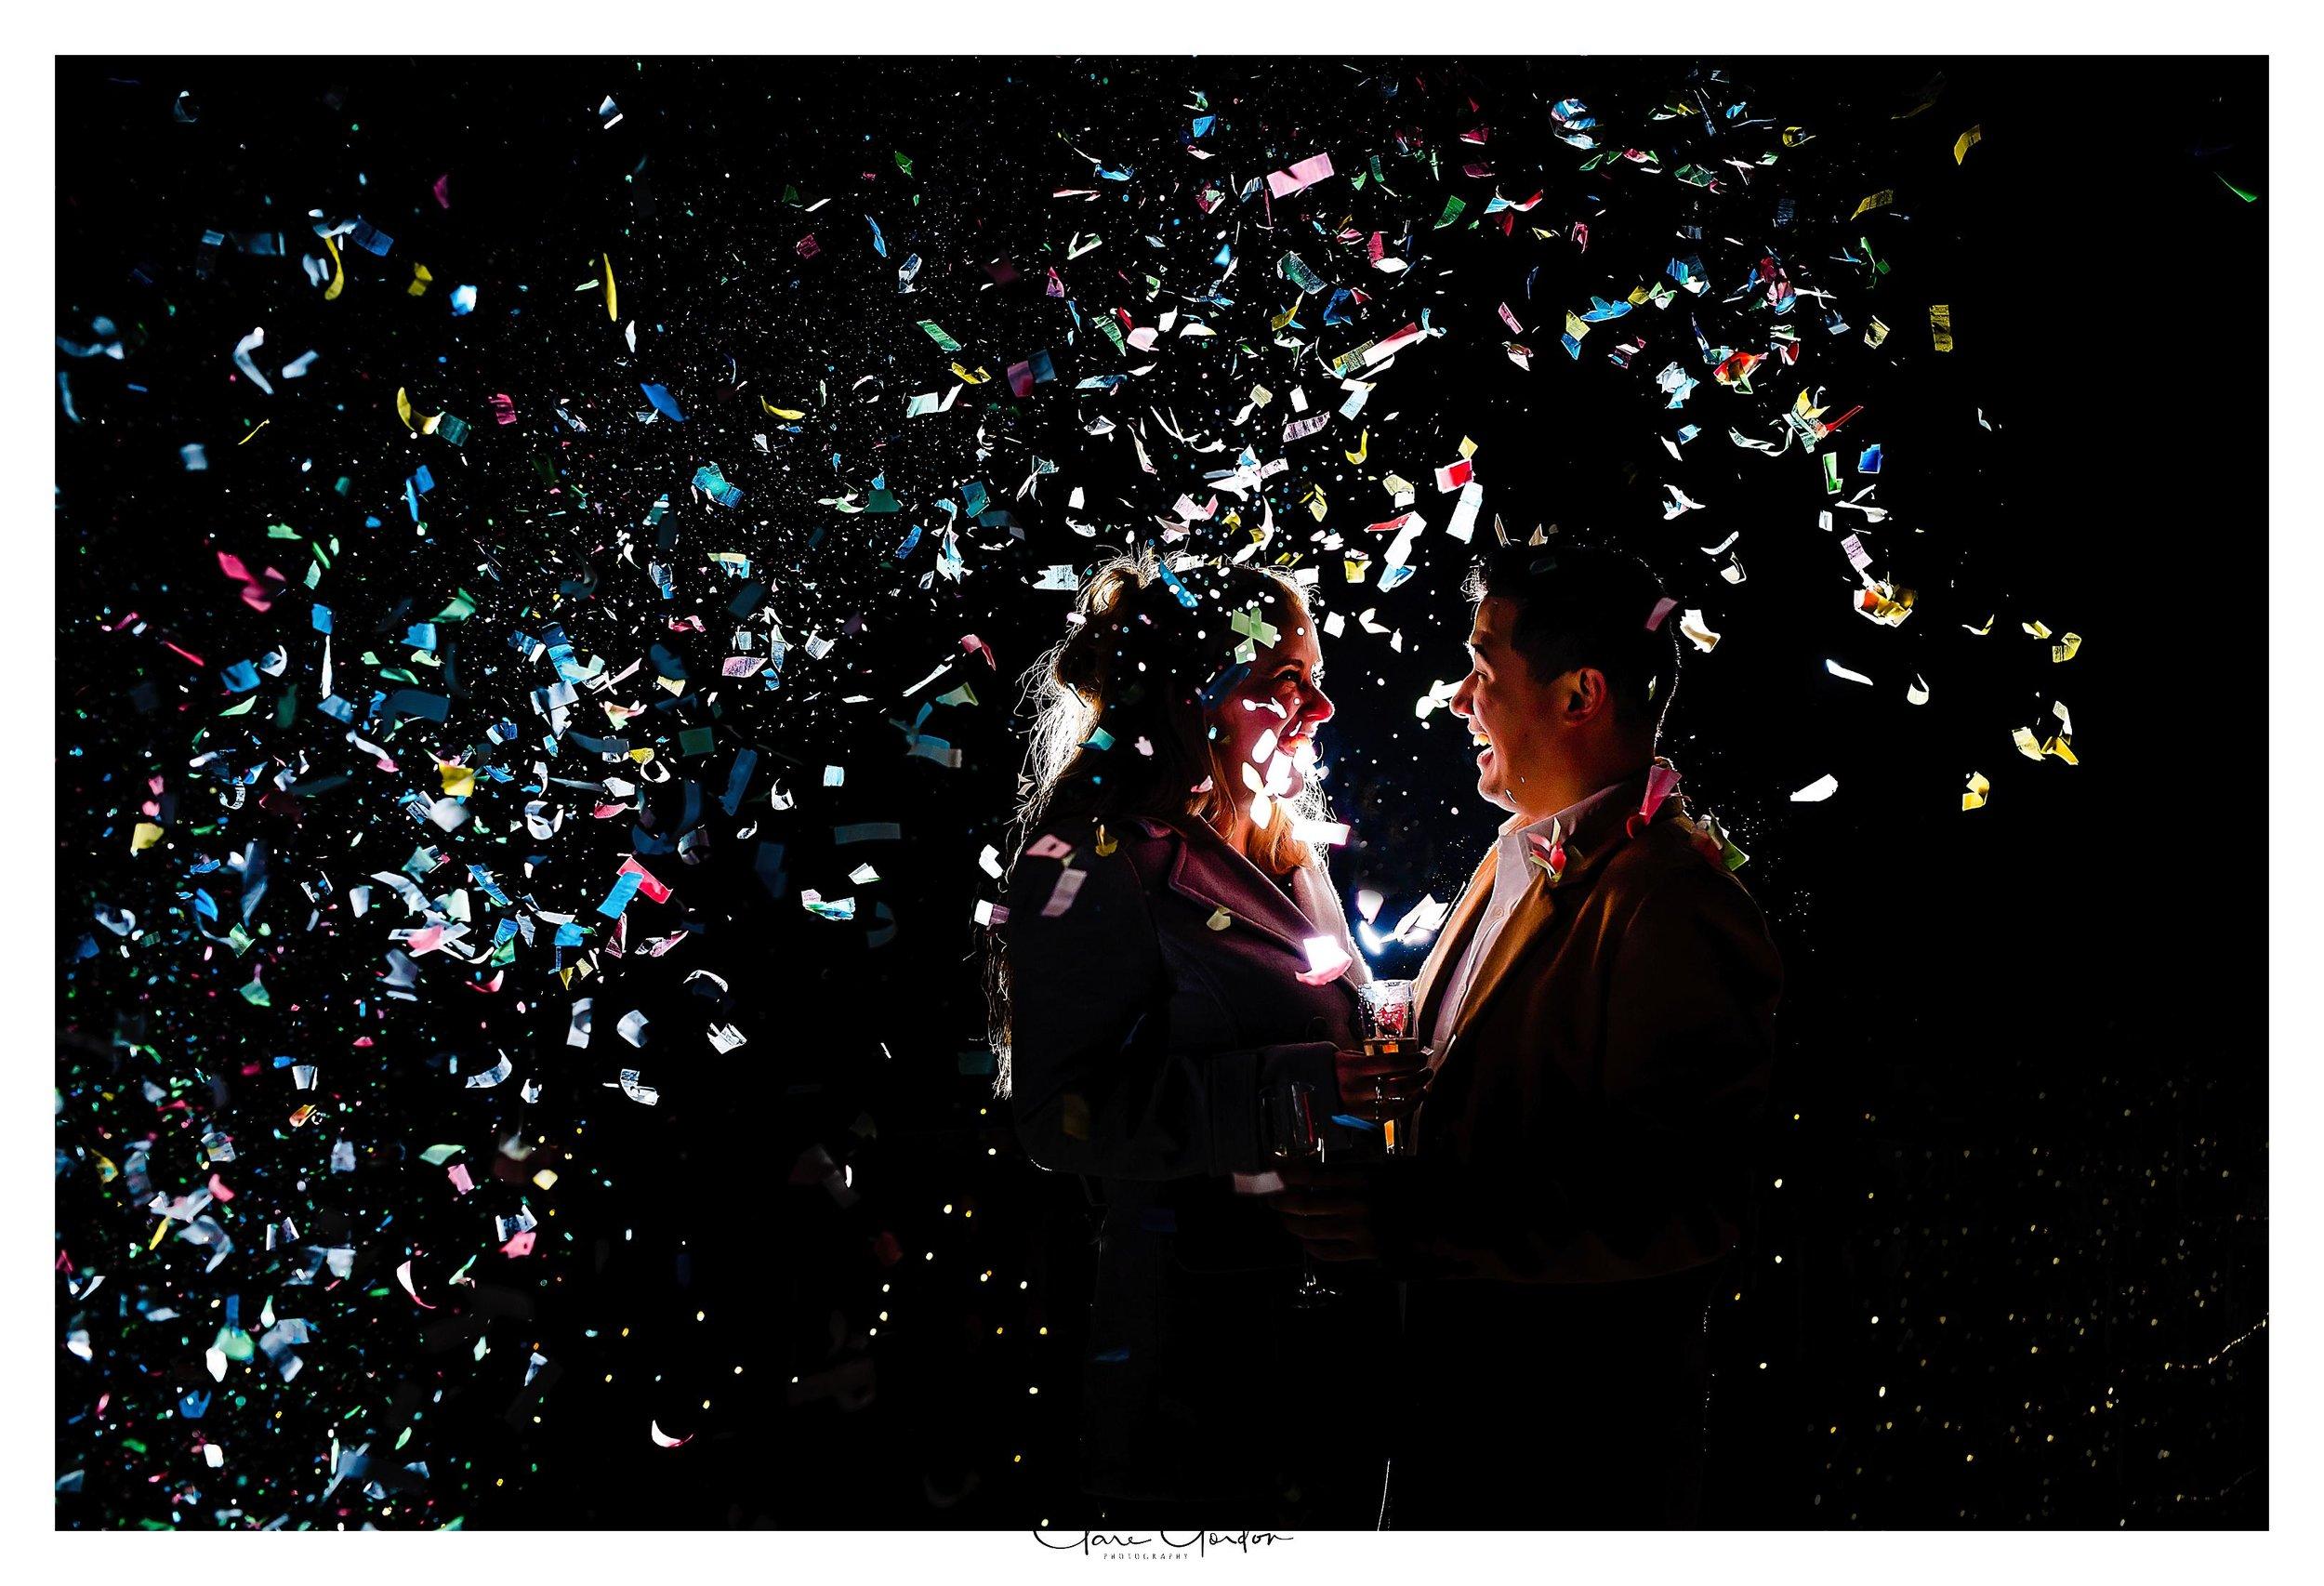 Suprise-Proposal-Engagement-photos-at-night-Raglan-Clare-Gordon-photography (6).jpg